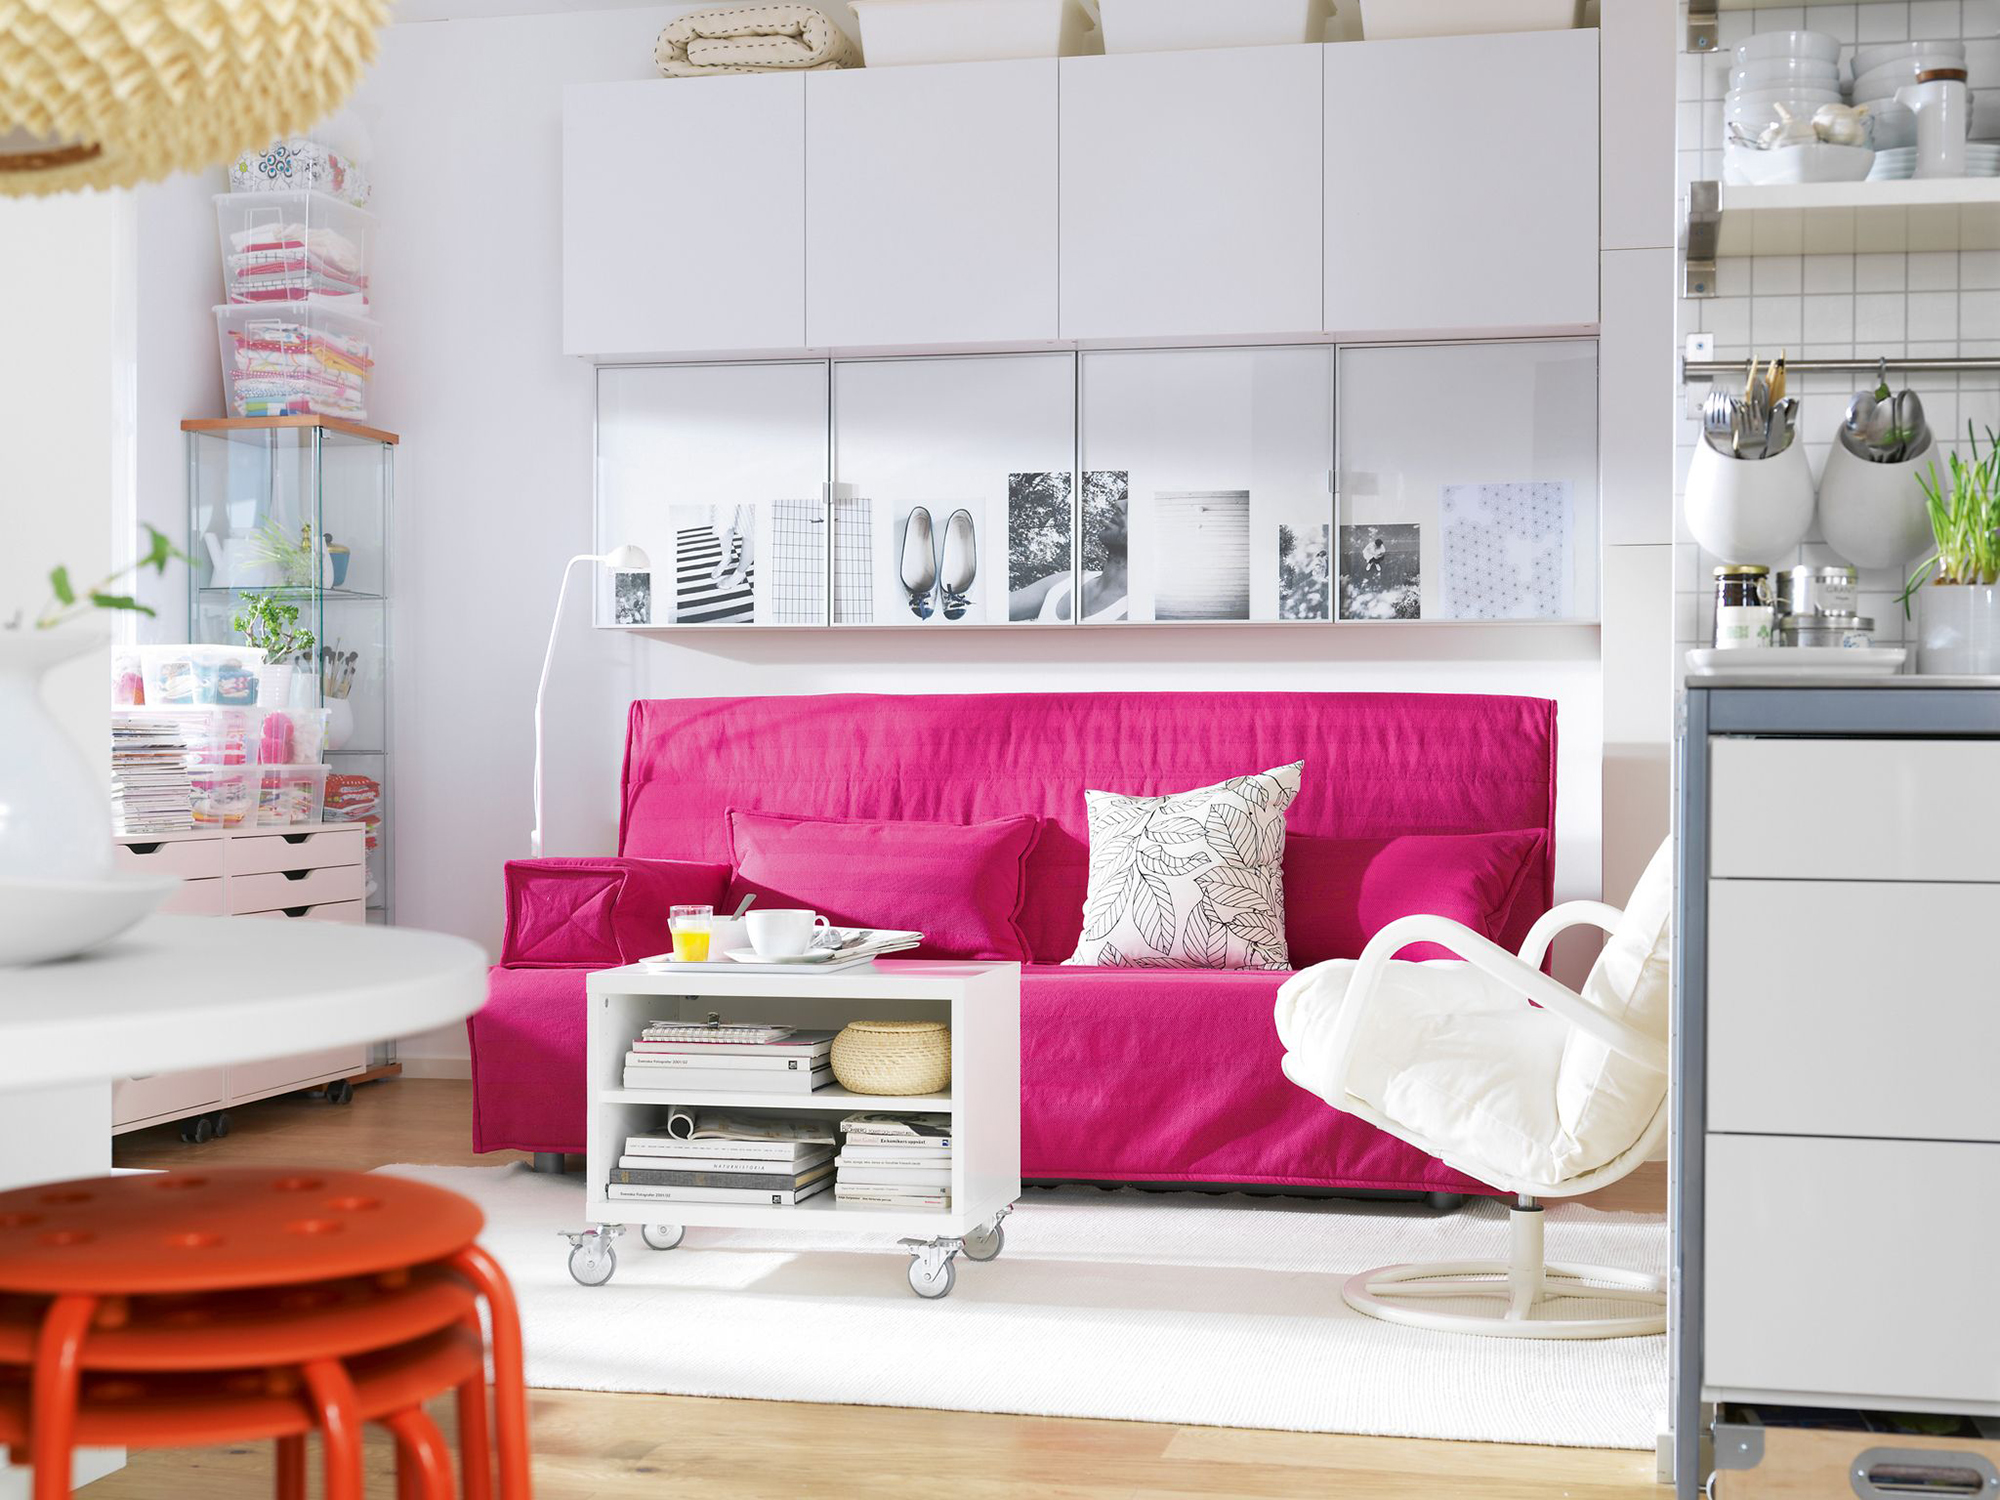 Розовая Мебель в Интерьере Гостиной, Спальни, Ванной и Детской Комнаты, Красивые Сочетания Цветов, Модели Мягкой и Корпусной Мебели